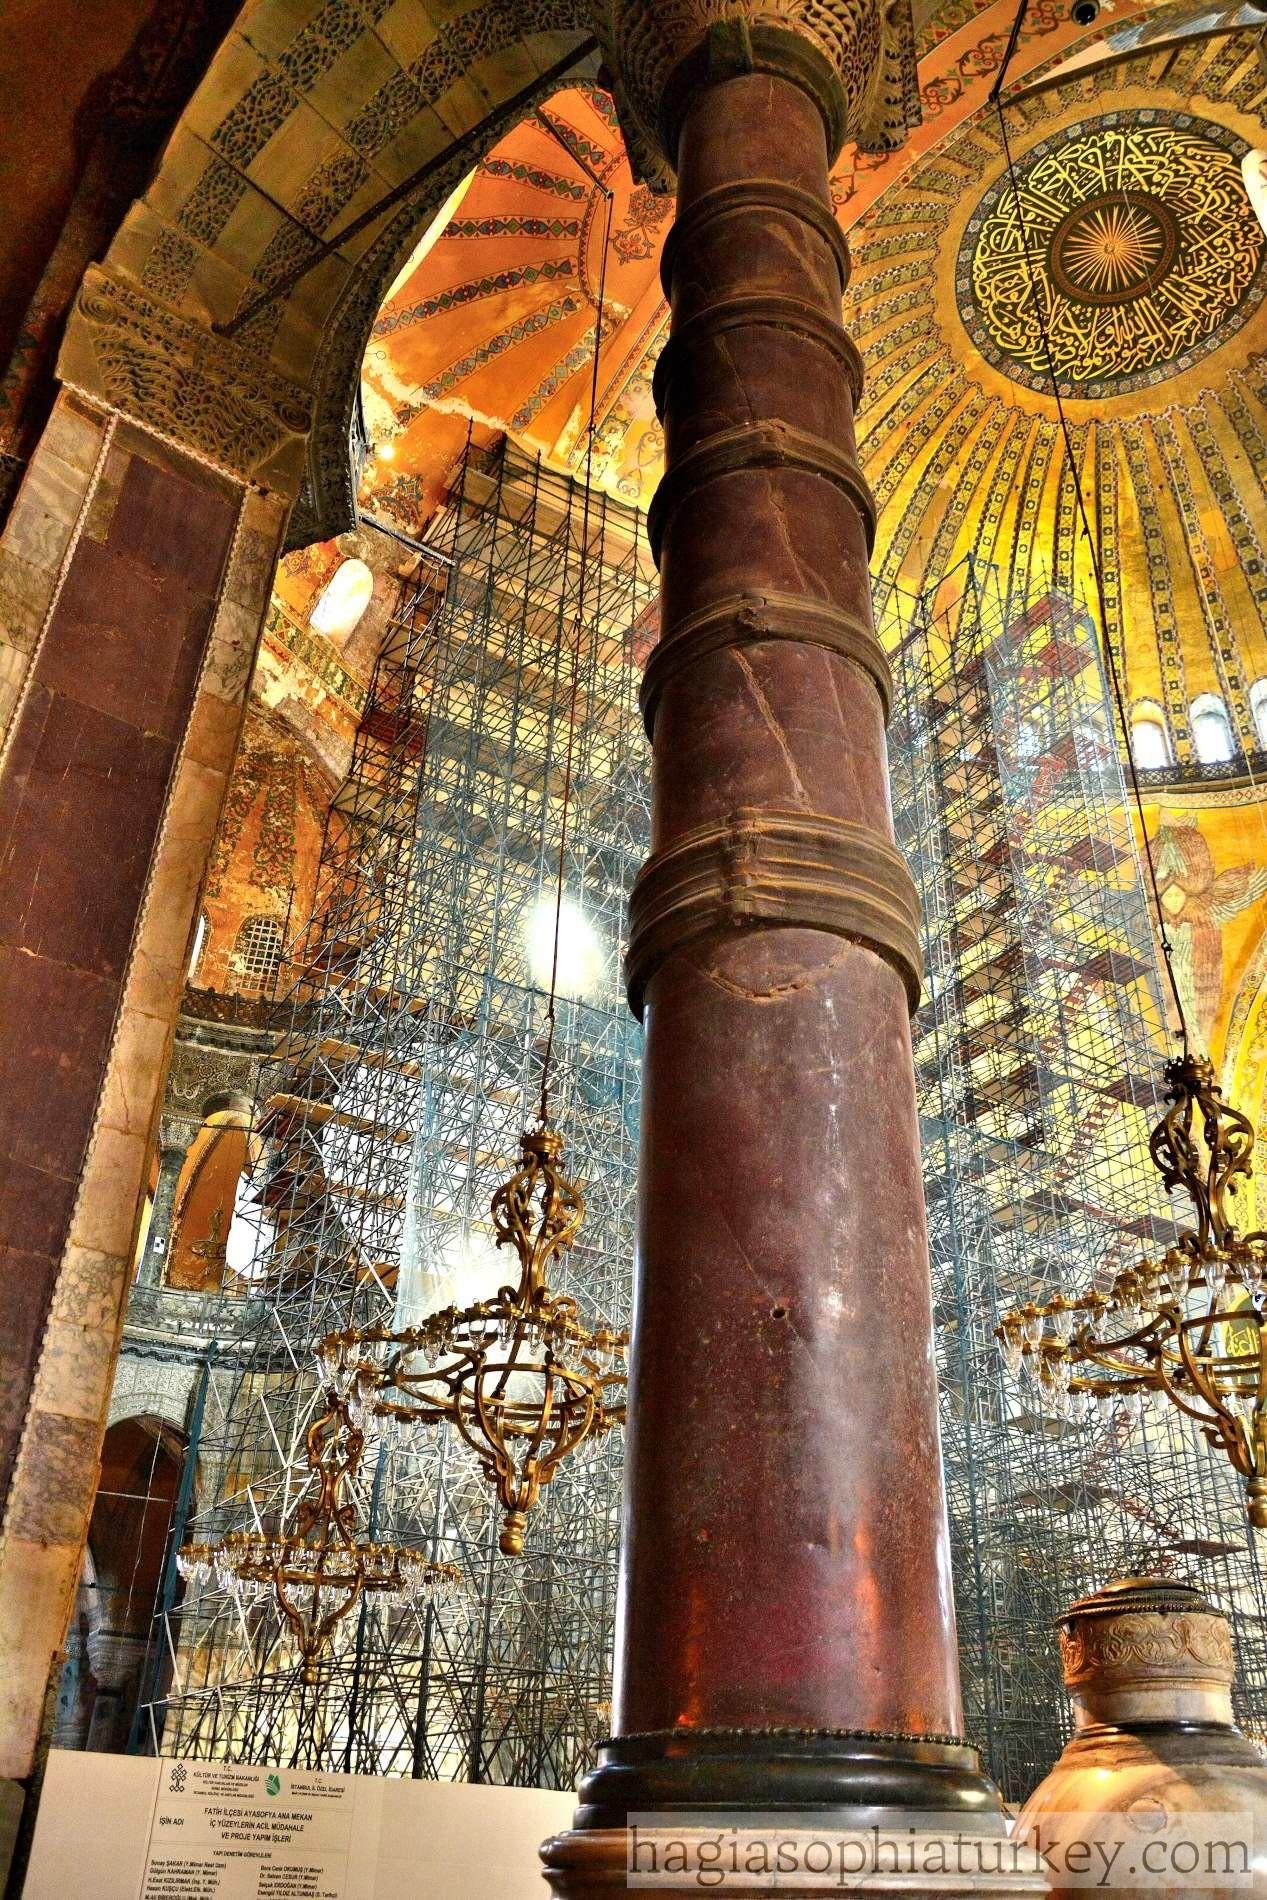 Hagia Sophia Interior Image & Photo (Free Trial)   Bigstock   Hagia Sophia Interior Columns